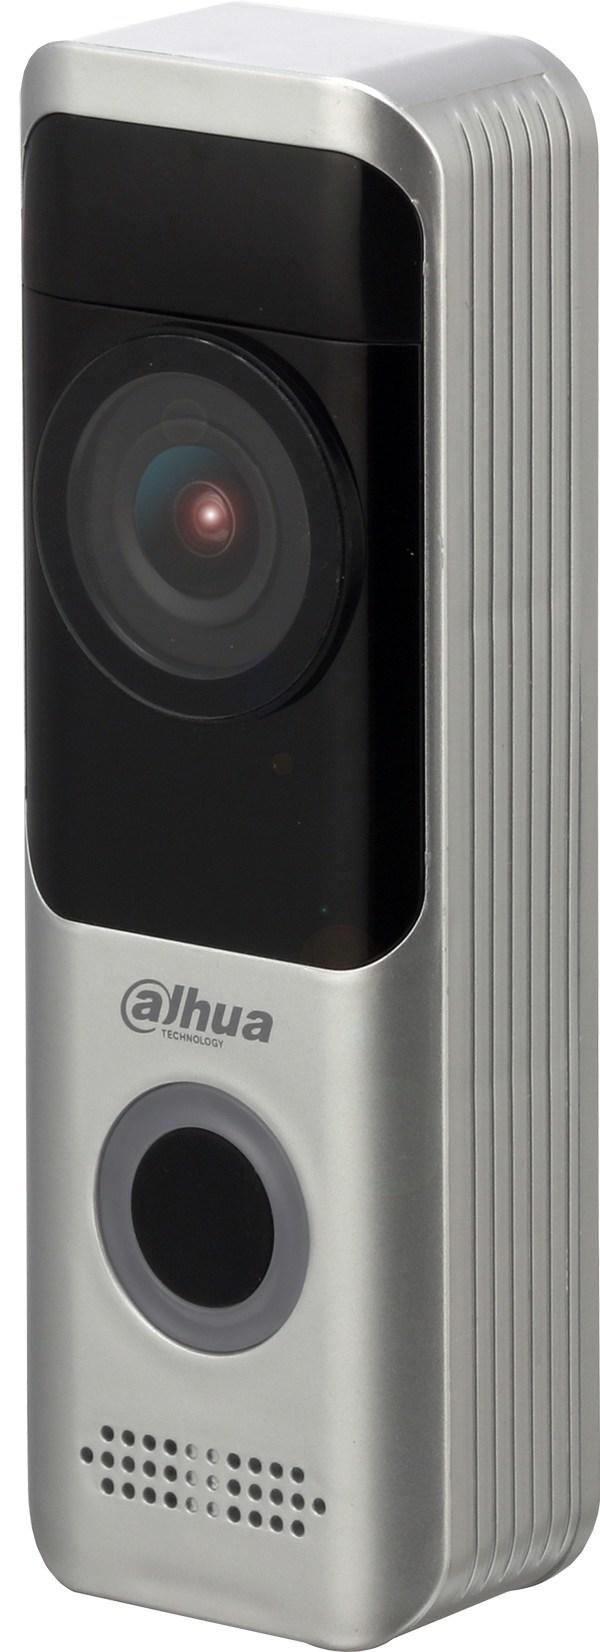 Dahua Battery Powered Wi-Fi Video Doorbell - DB10